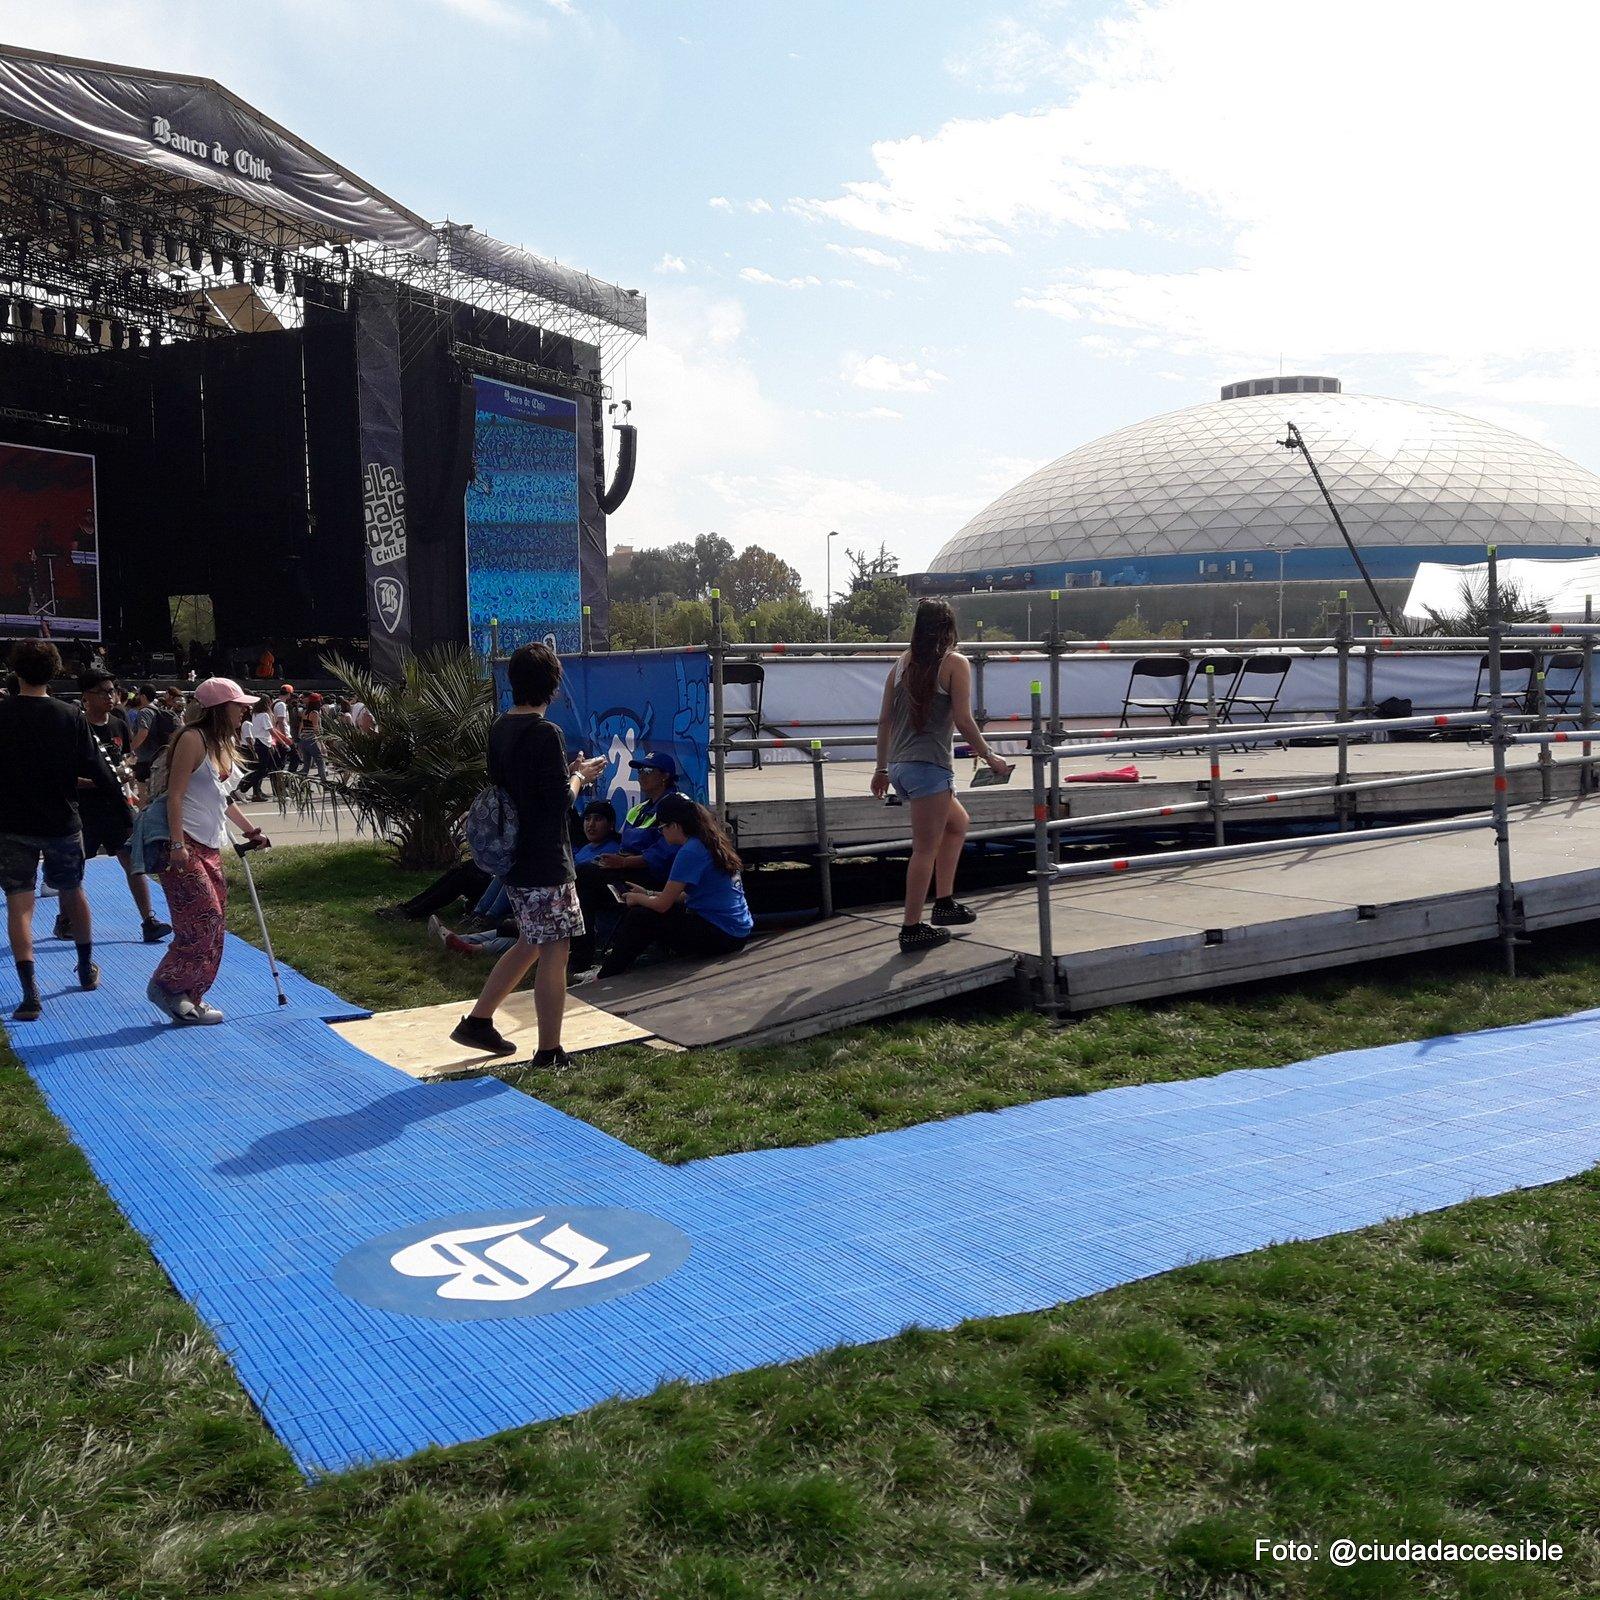 ruta accesible de color azul y de material estable que comunicaba los diferentes sectores del parque